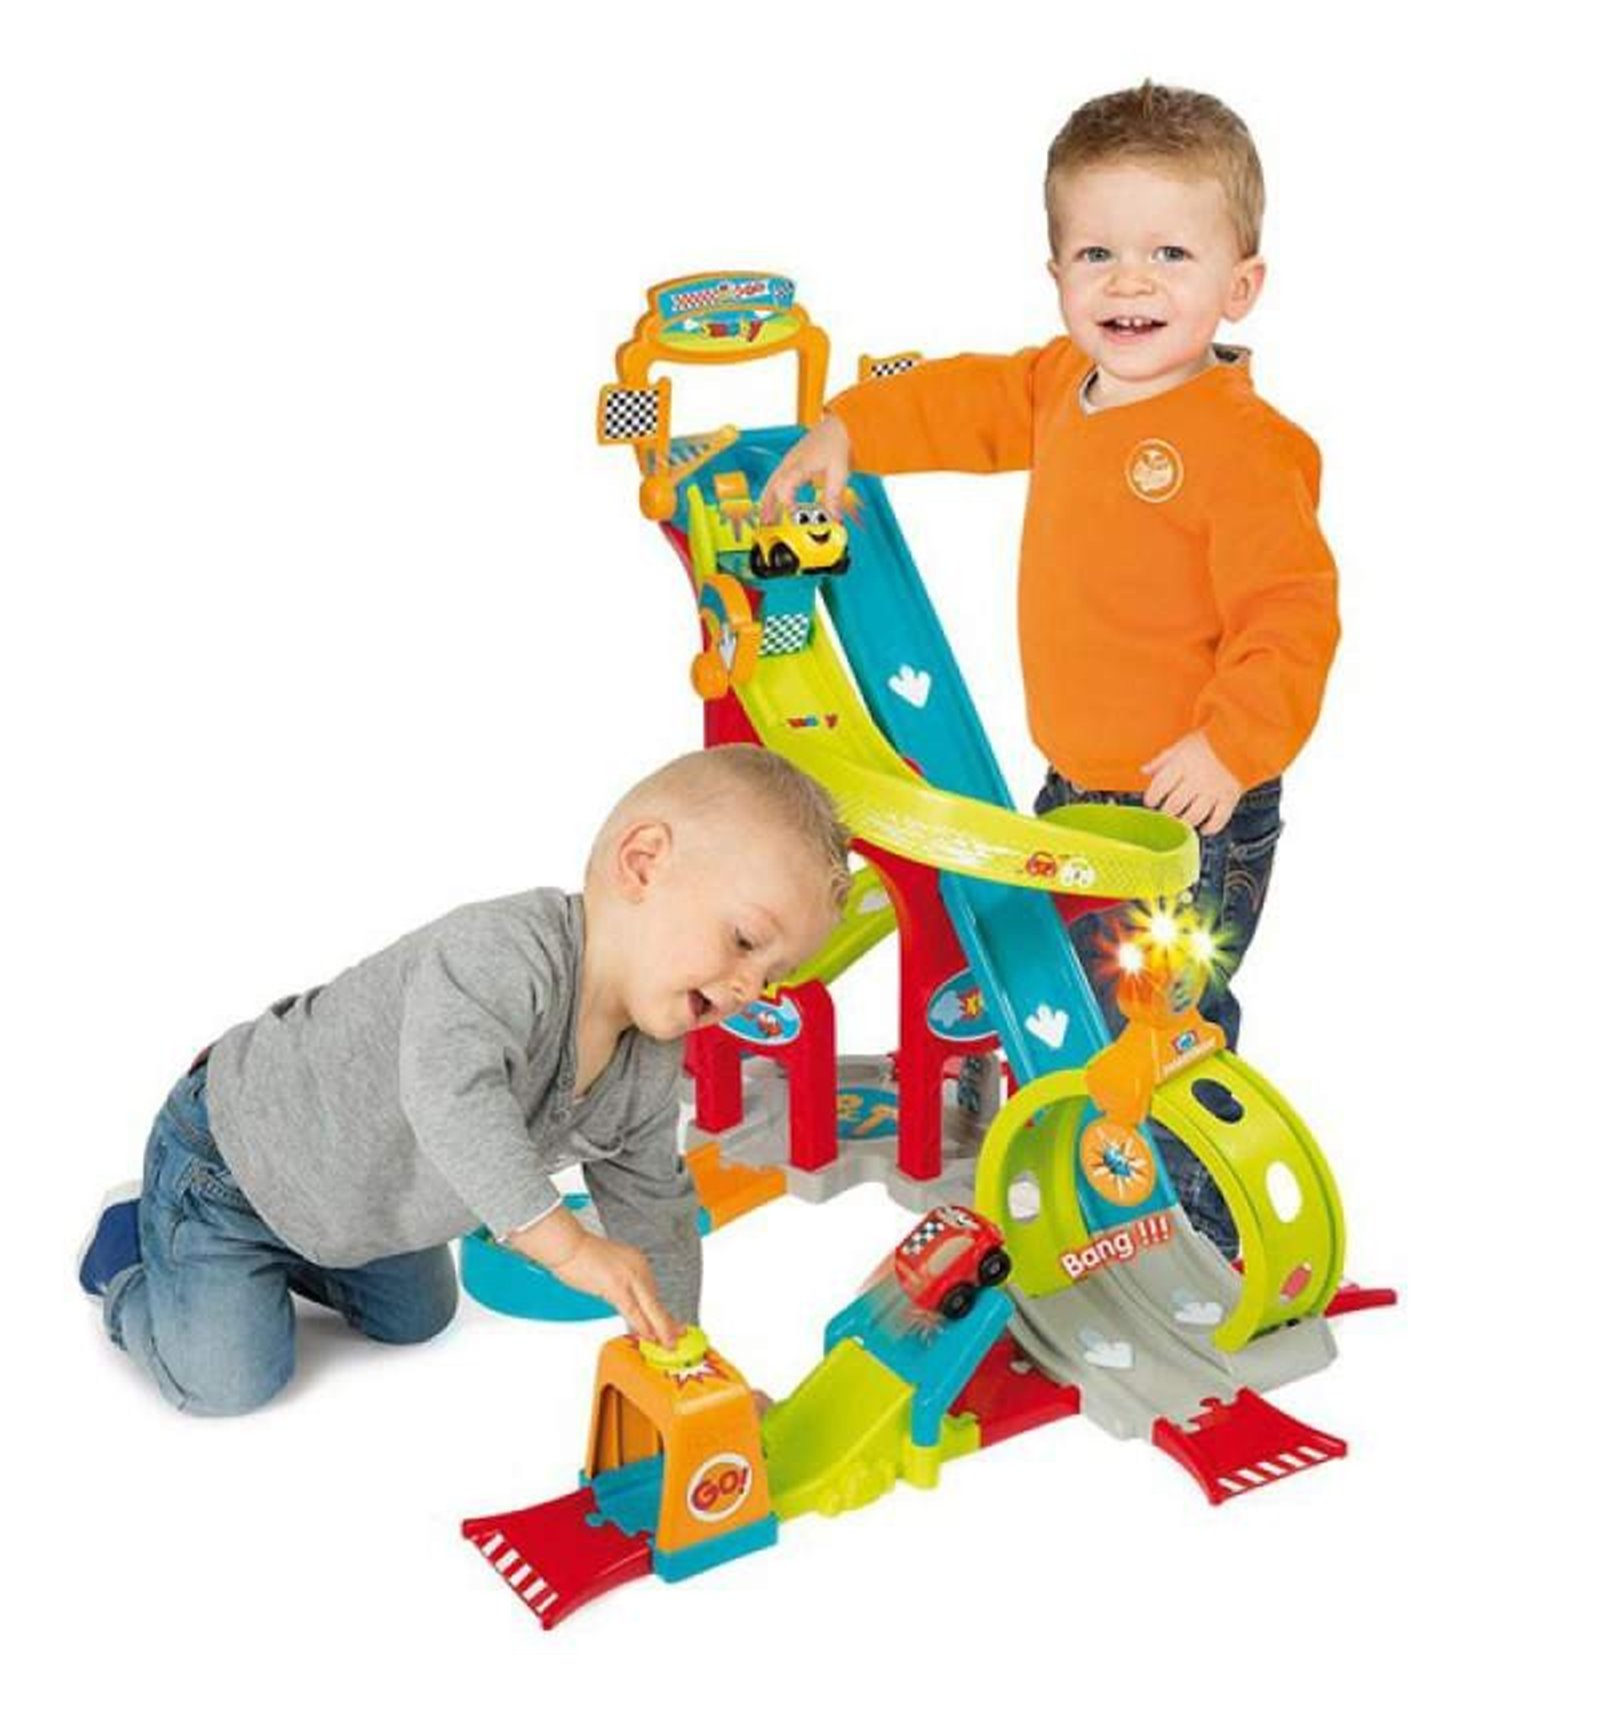 Детская коляска 2 в 1 Verdi Merс Q-8 - Верди Мерк Кю-8